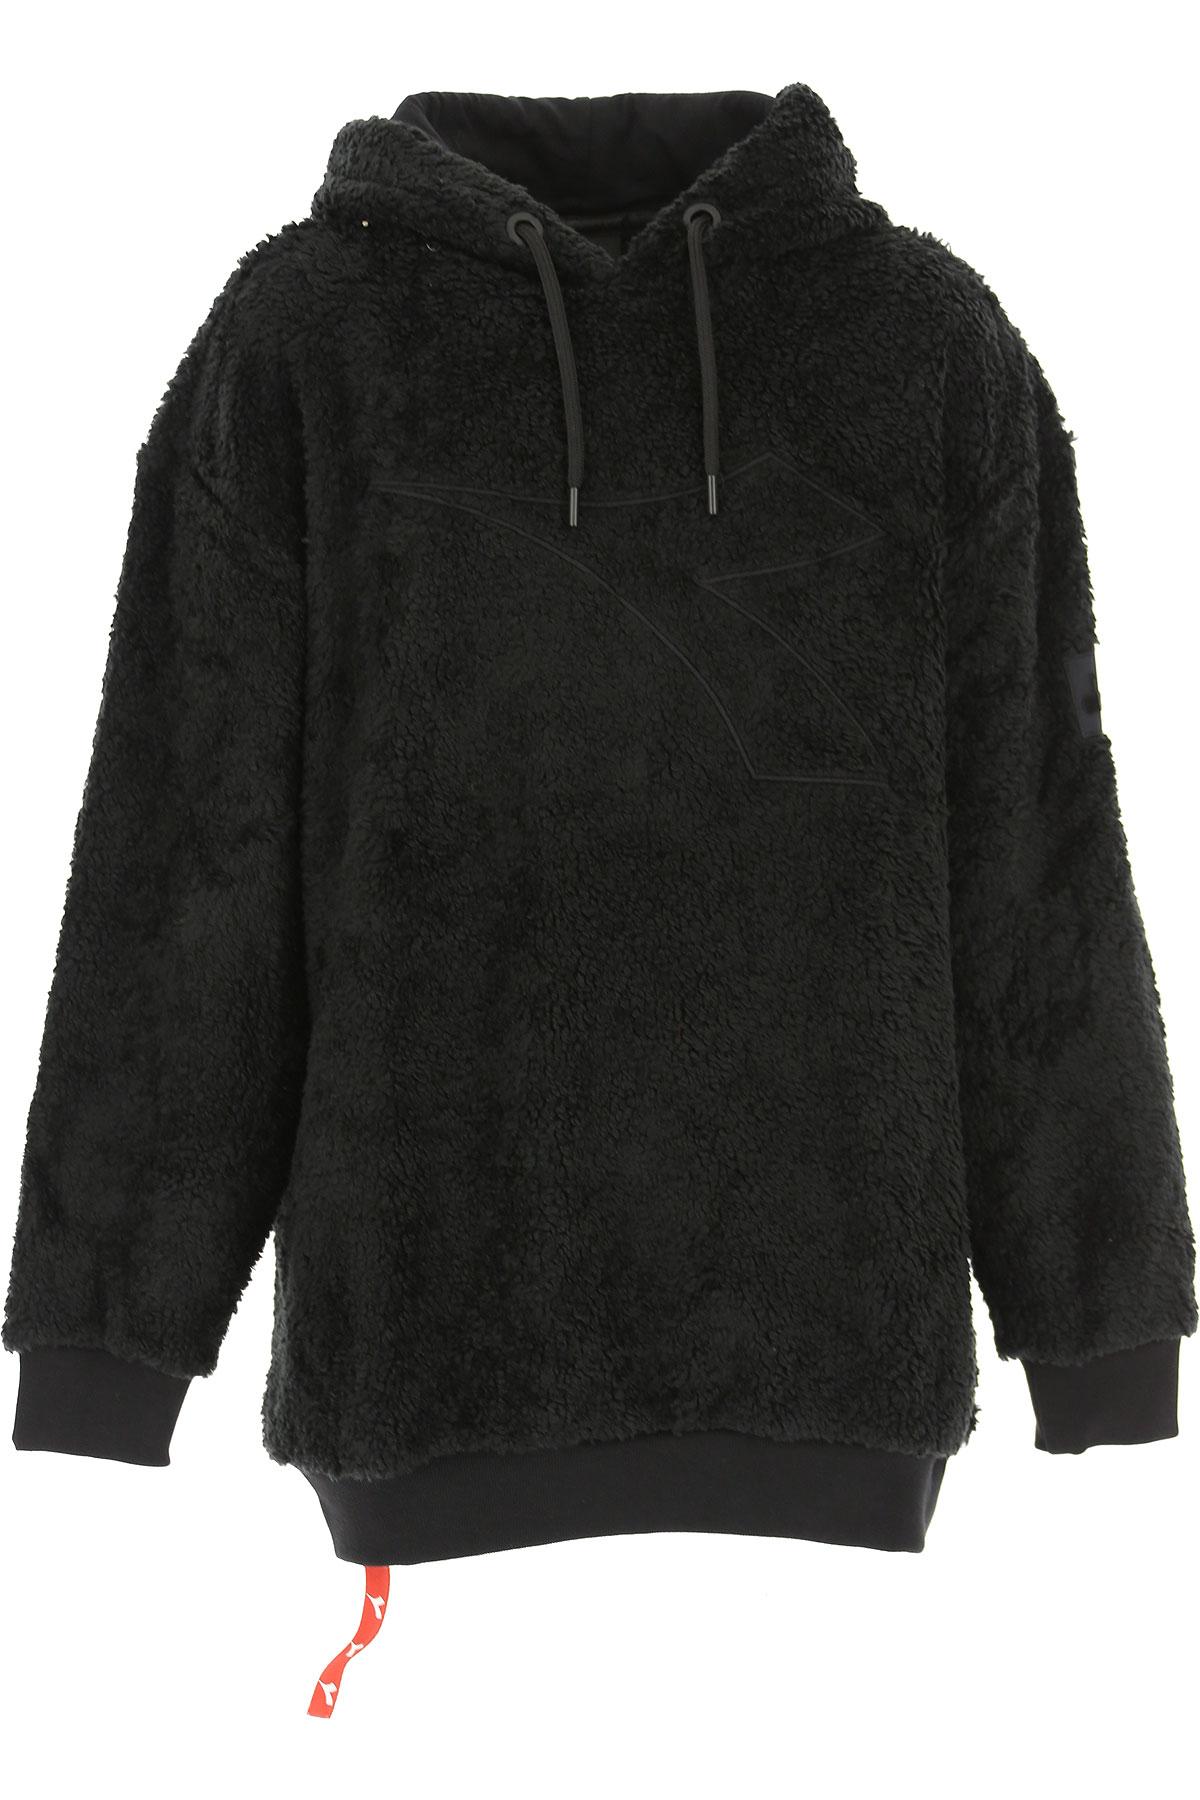 Diadora Kids Sweatshirts & Hoodies for Boys On Sale, Black, Acrylic, 2019, 10Y 12Y 14Y